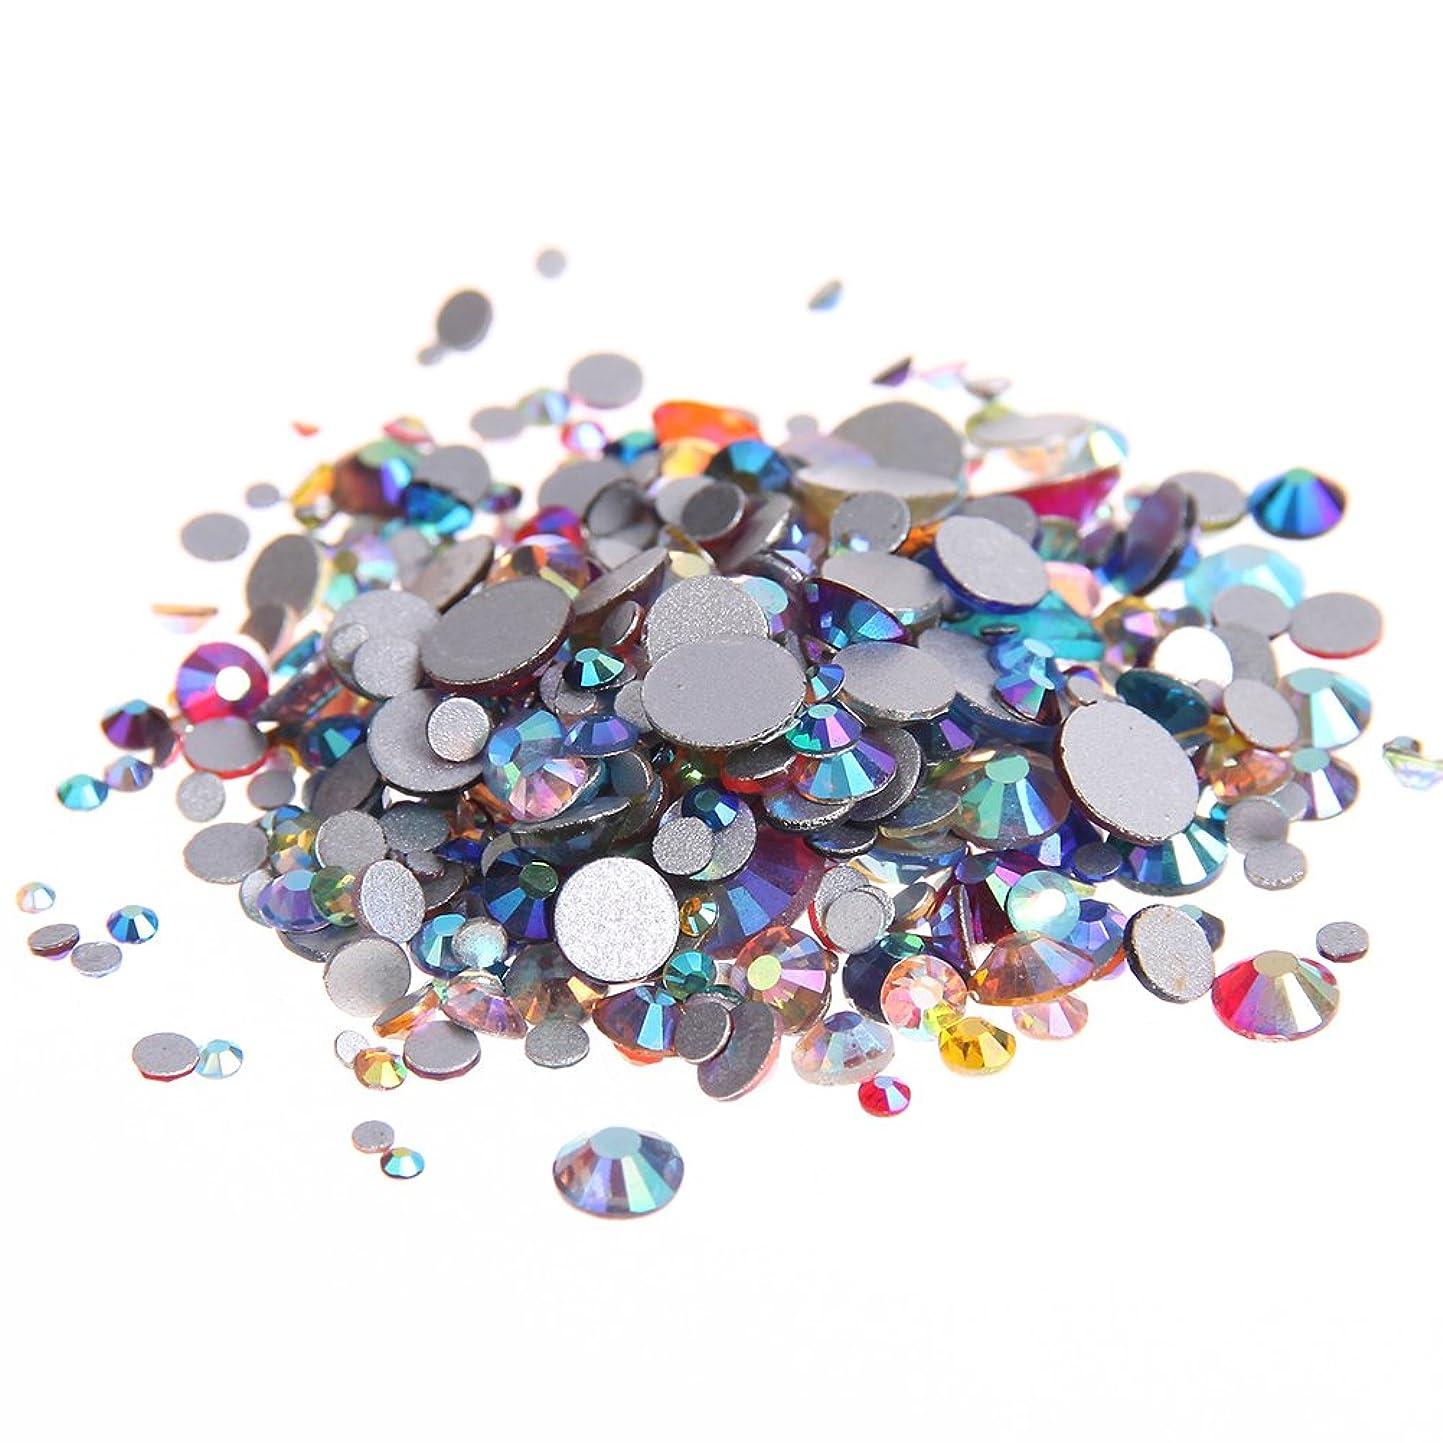 時代遅れうるさい地殻Nizi ジュエリー ブランド 混合ABの色 ラインストーン はガラスの材質 ネイル使用 型番ss3-ss30 (混合サイズ 1000pcs)